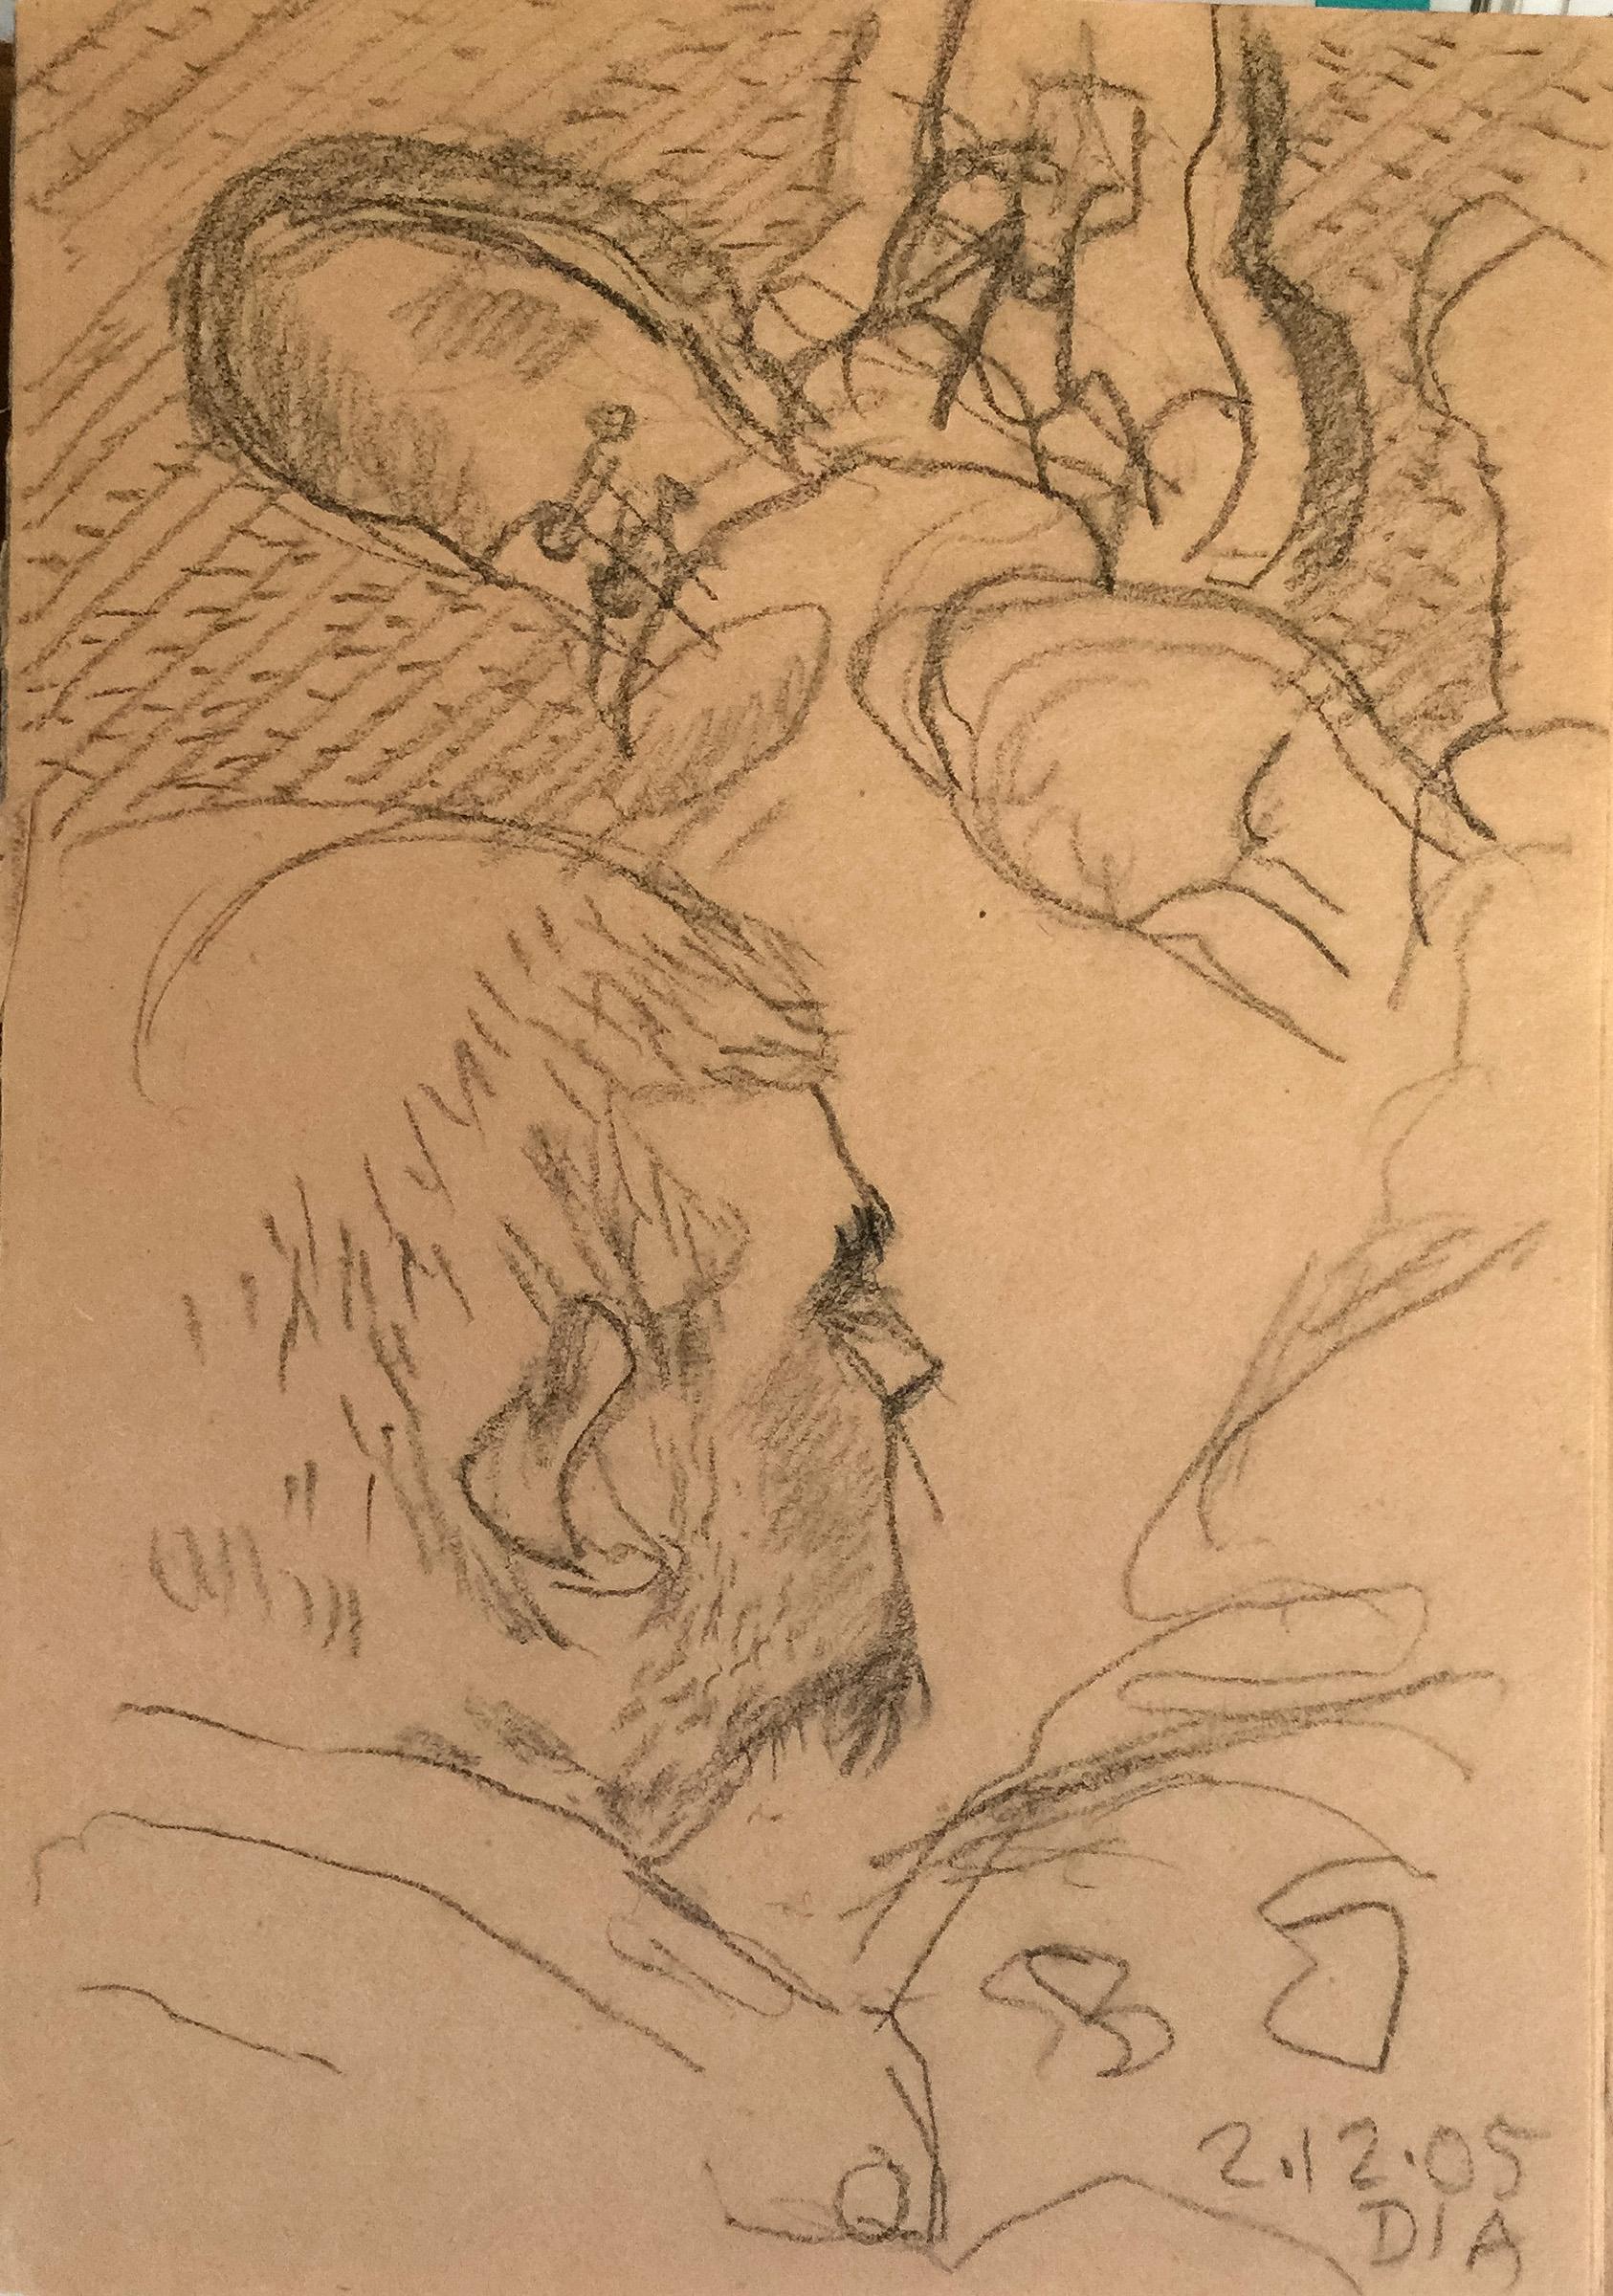 SITE-2-12-05 DIA drawing.jpg